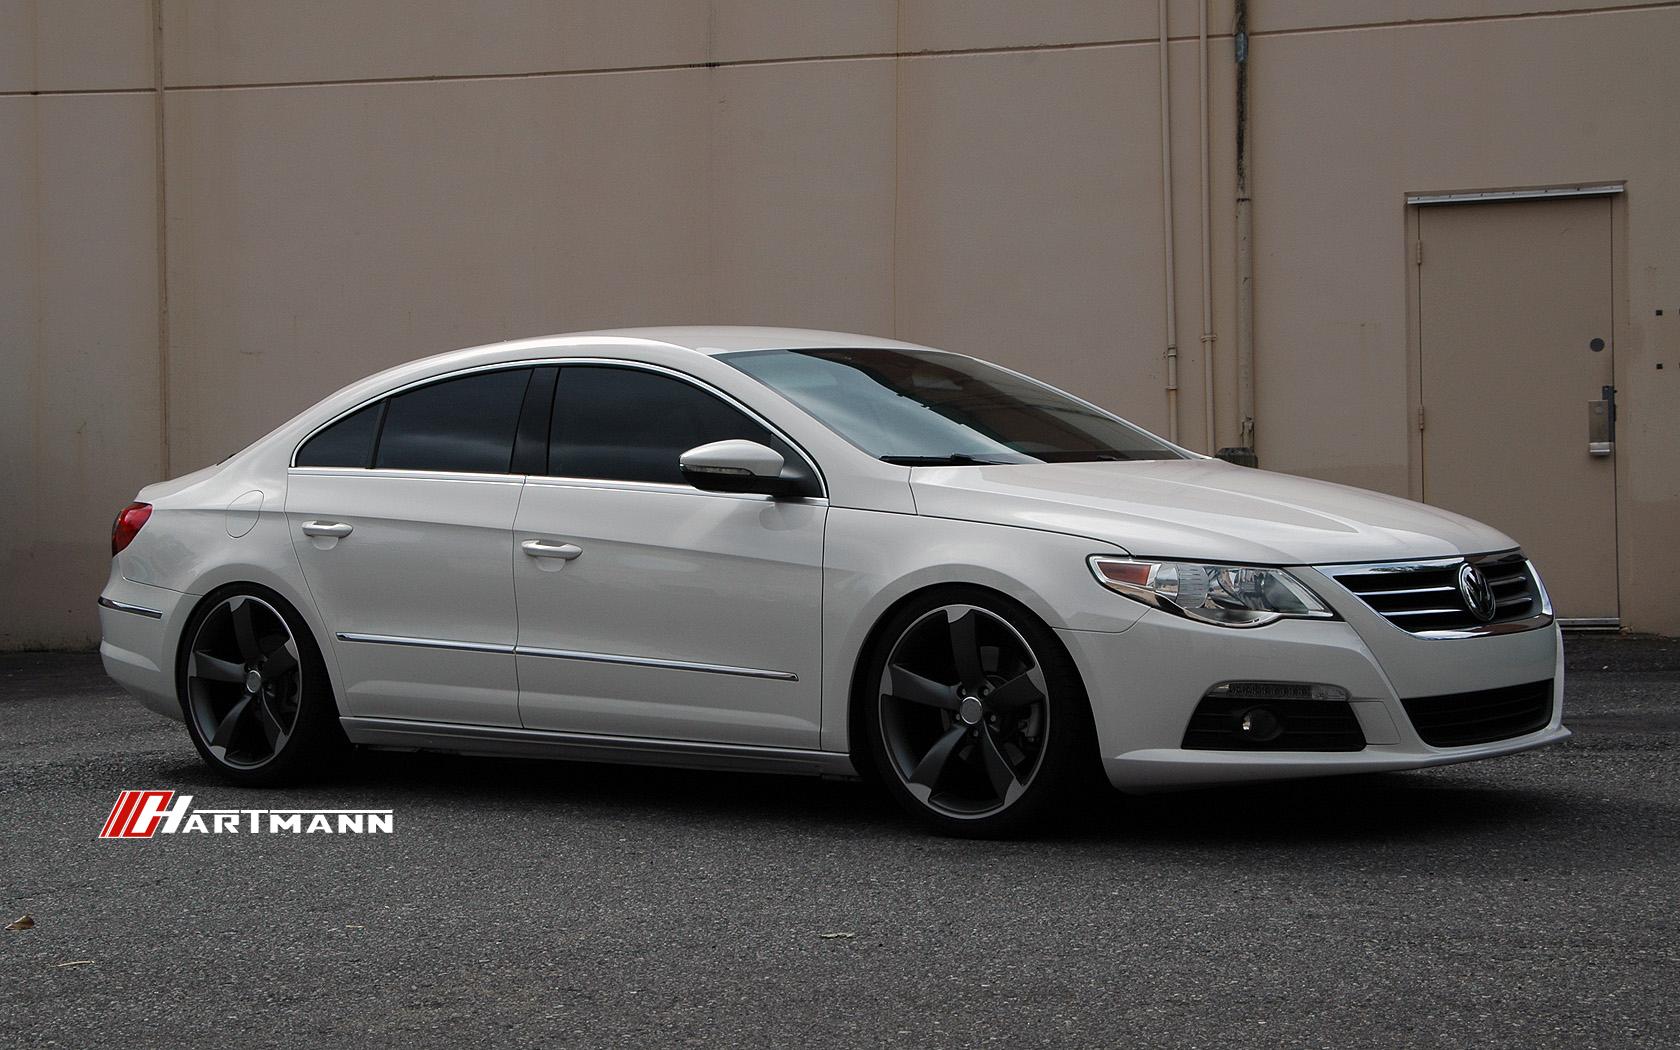 Volkswagen cc hartmann wheels htt 256 mam 19 ds1 hwm